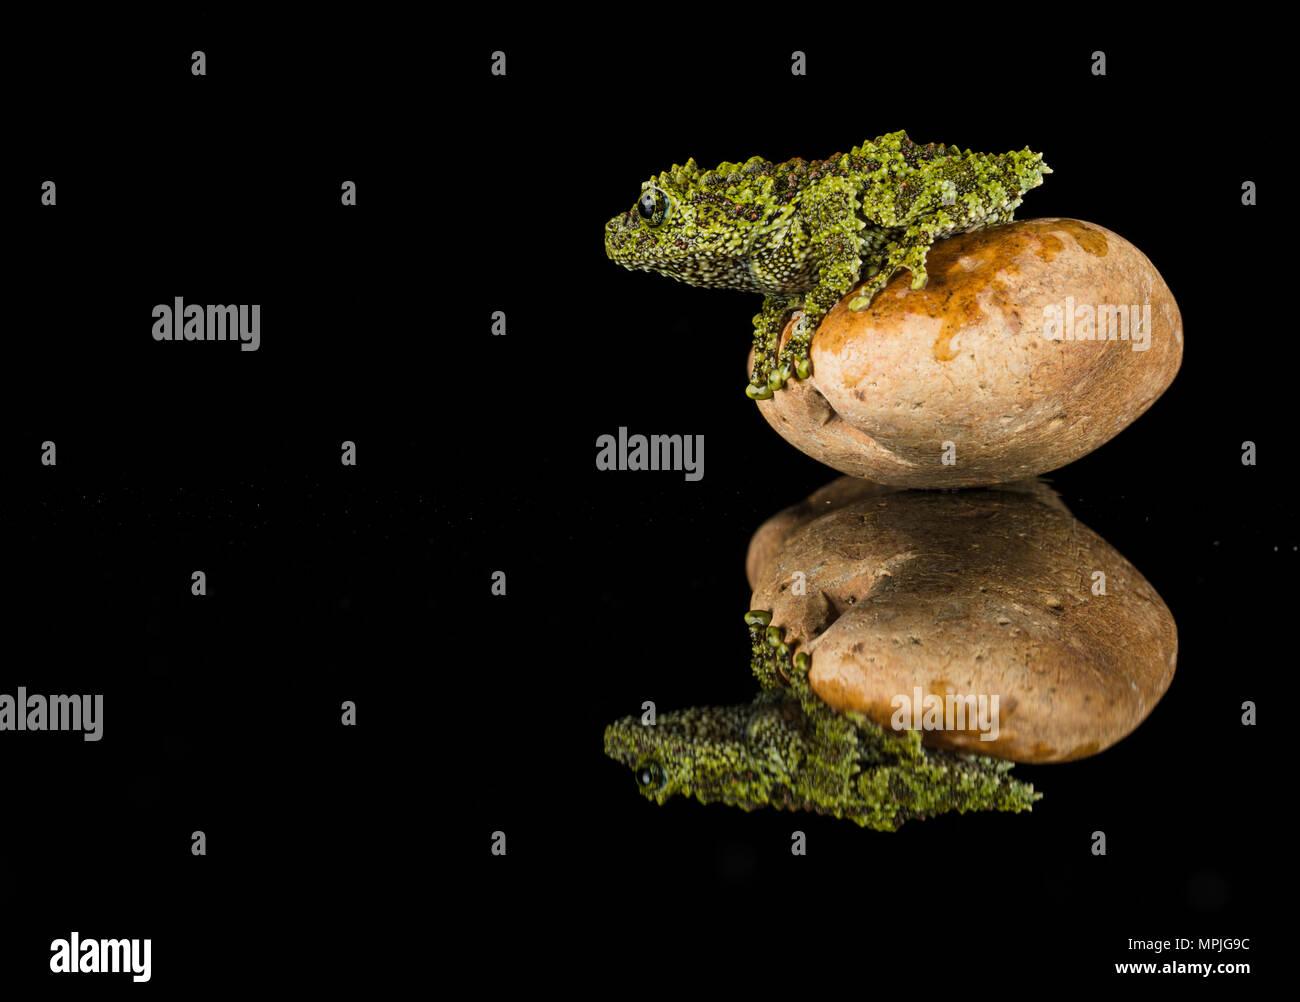 S petite mousse grenouille sur un rocher dans un srudio mis en place, avec une réflexion Banque D'Images